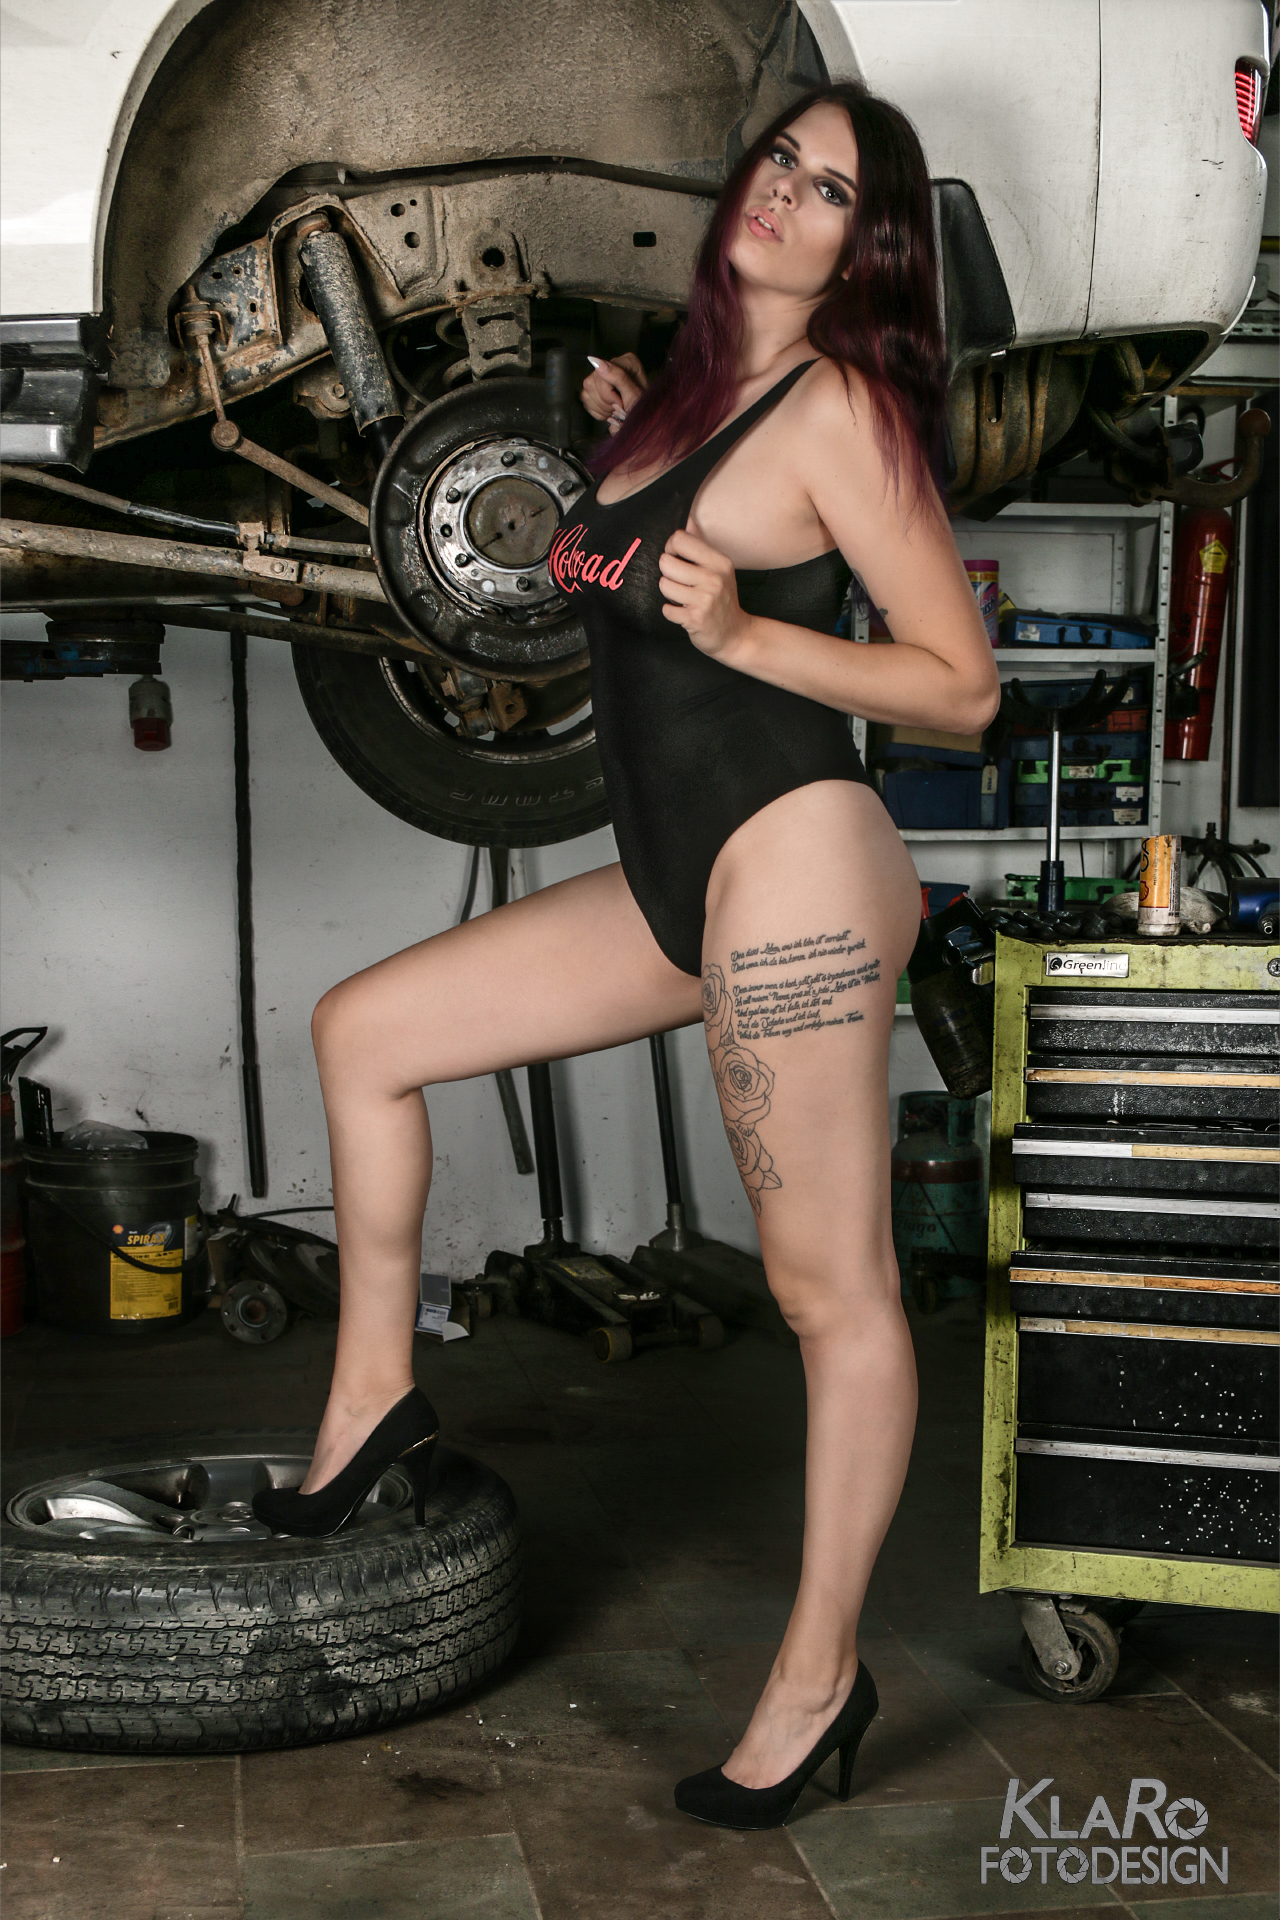 Zeit für den Reifenwechsel